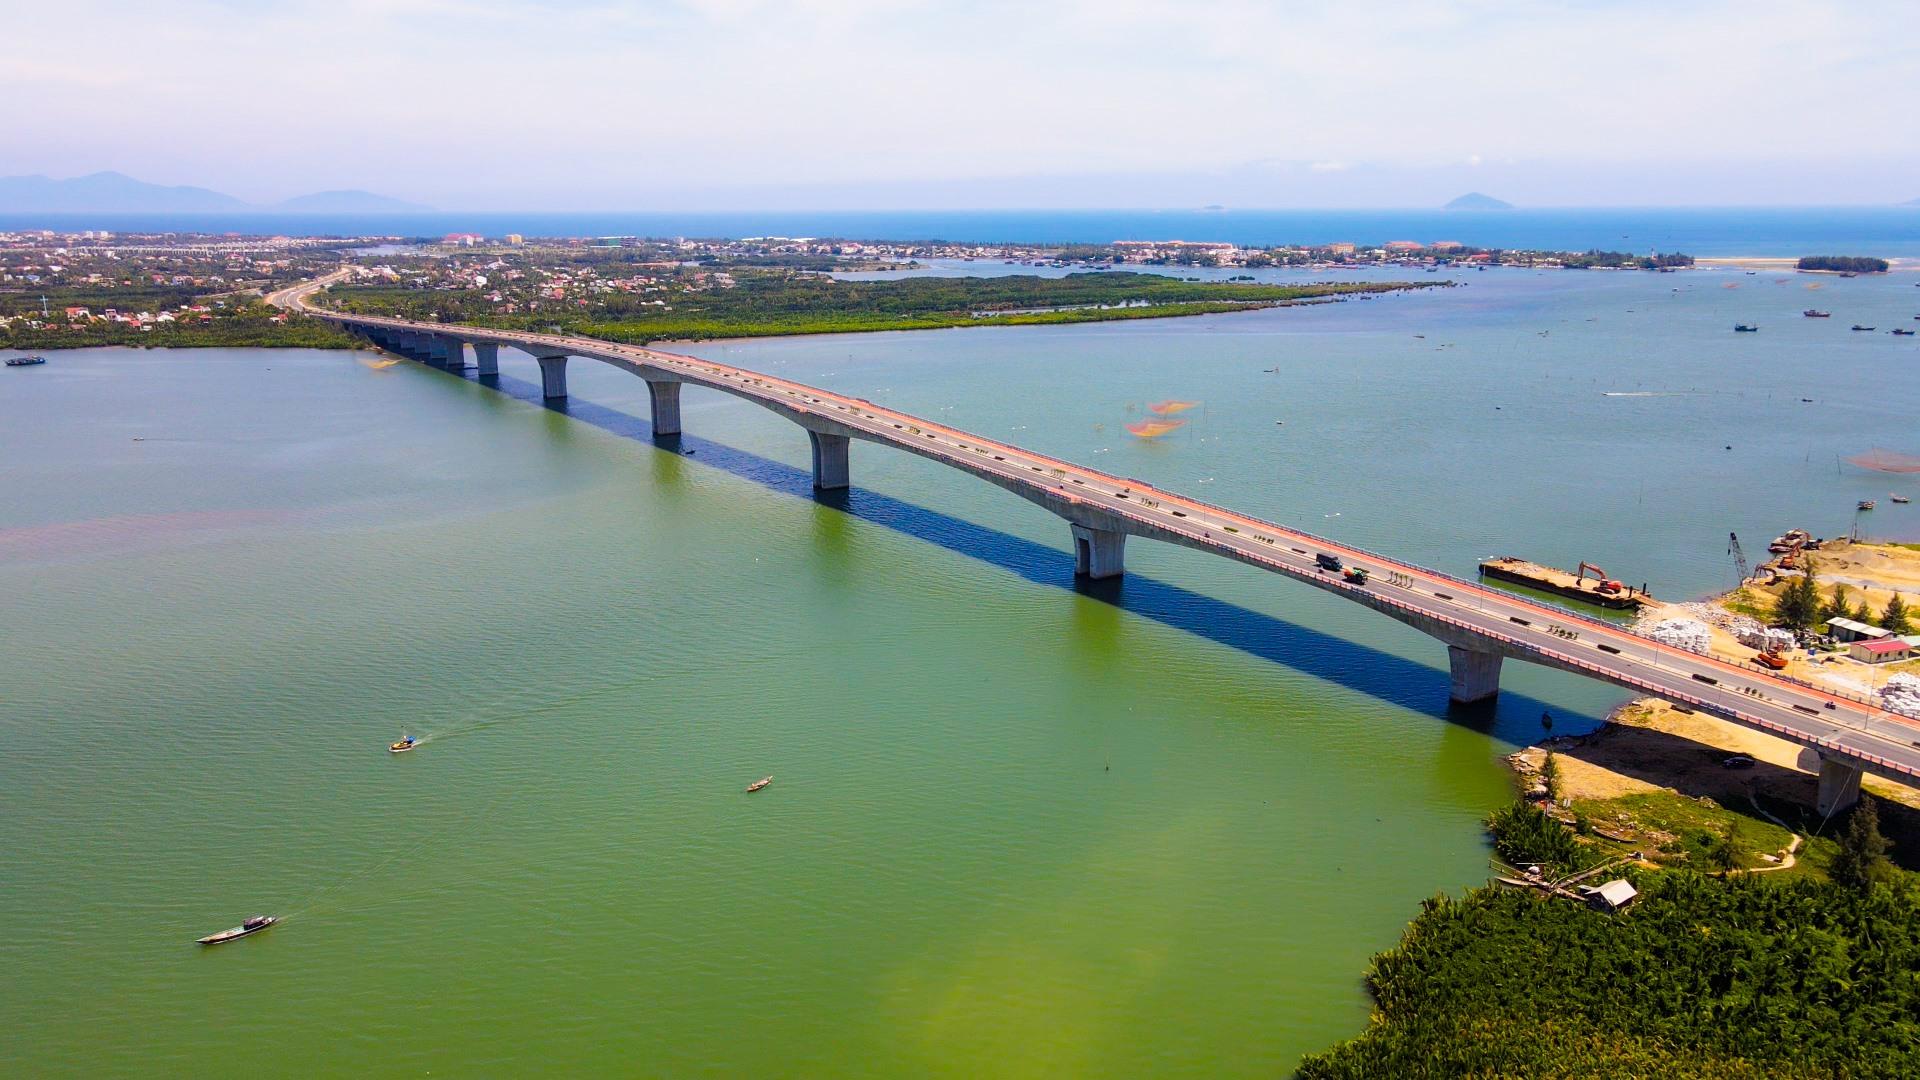 Cầu Cửa Đại đã đem lại sức sống mới cho đất và người vùng Đông Quảng Nam